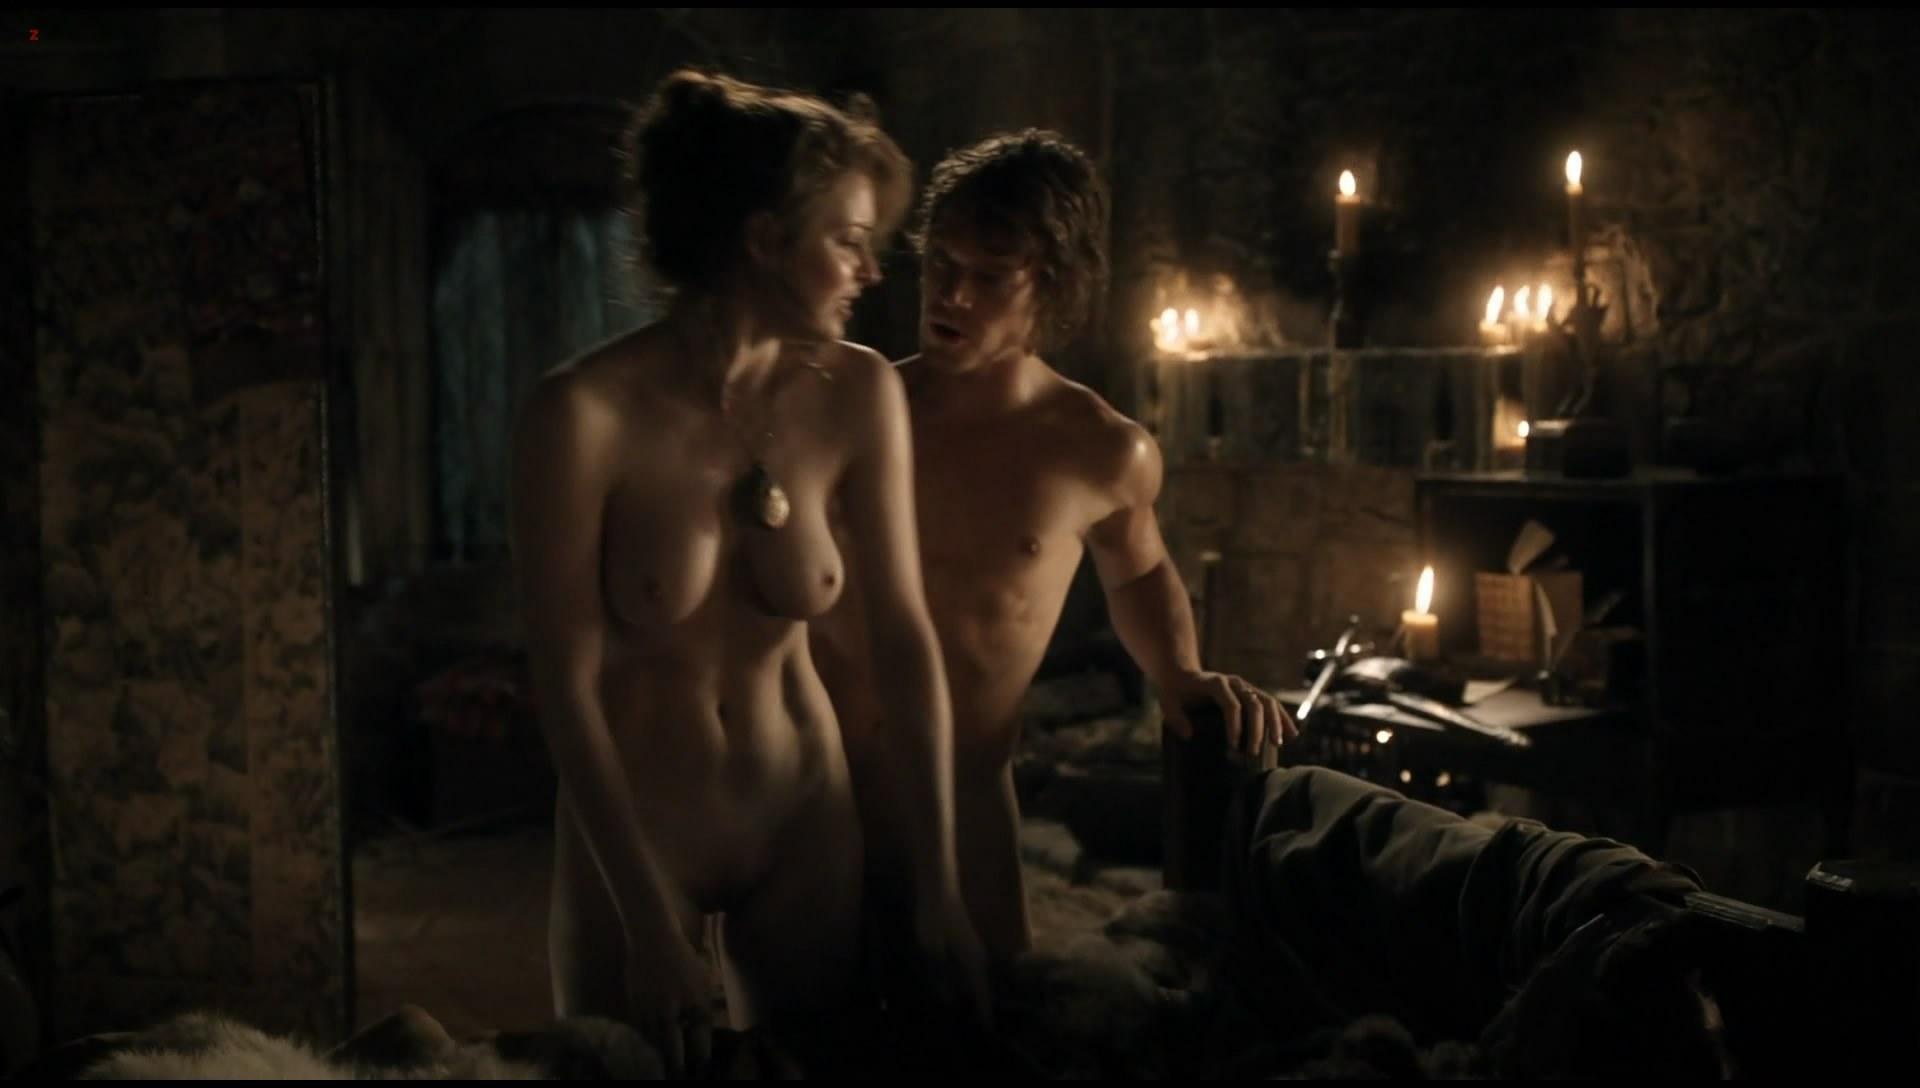 0313180837042_0_Esme-Bianco-naked-full-frontal-in-Game-of-Thrones-s01e05-hdtv1080p-5.jpg